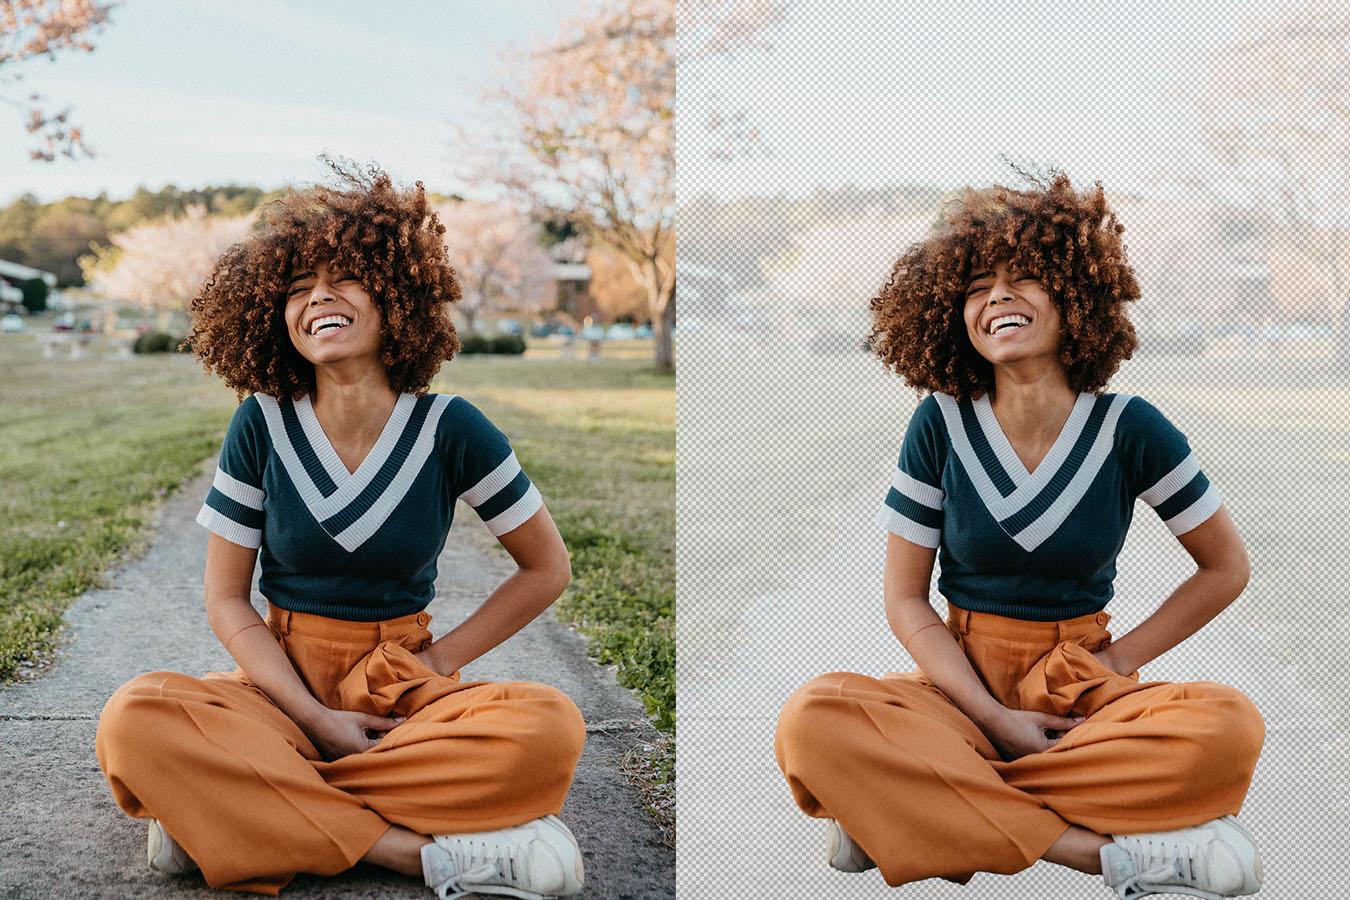 Photoshopの被写体選択が大幅に進化して風になびく髪の毛も一瞬で切り抜けちゃうよ